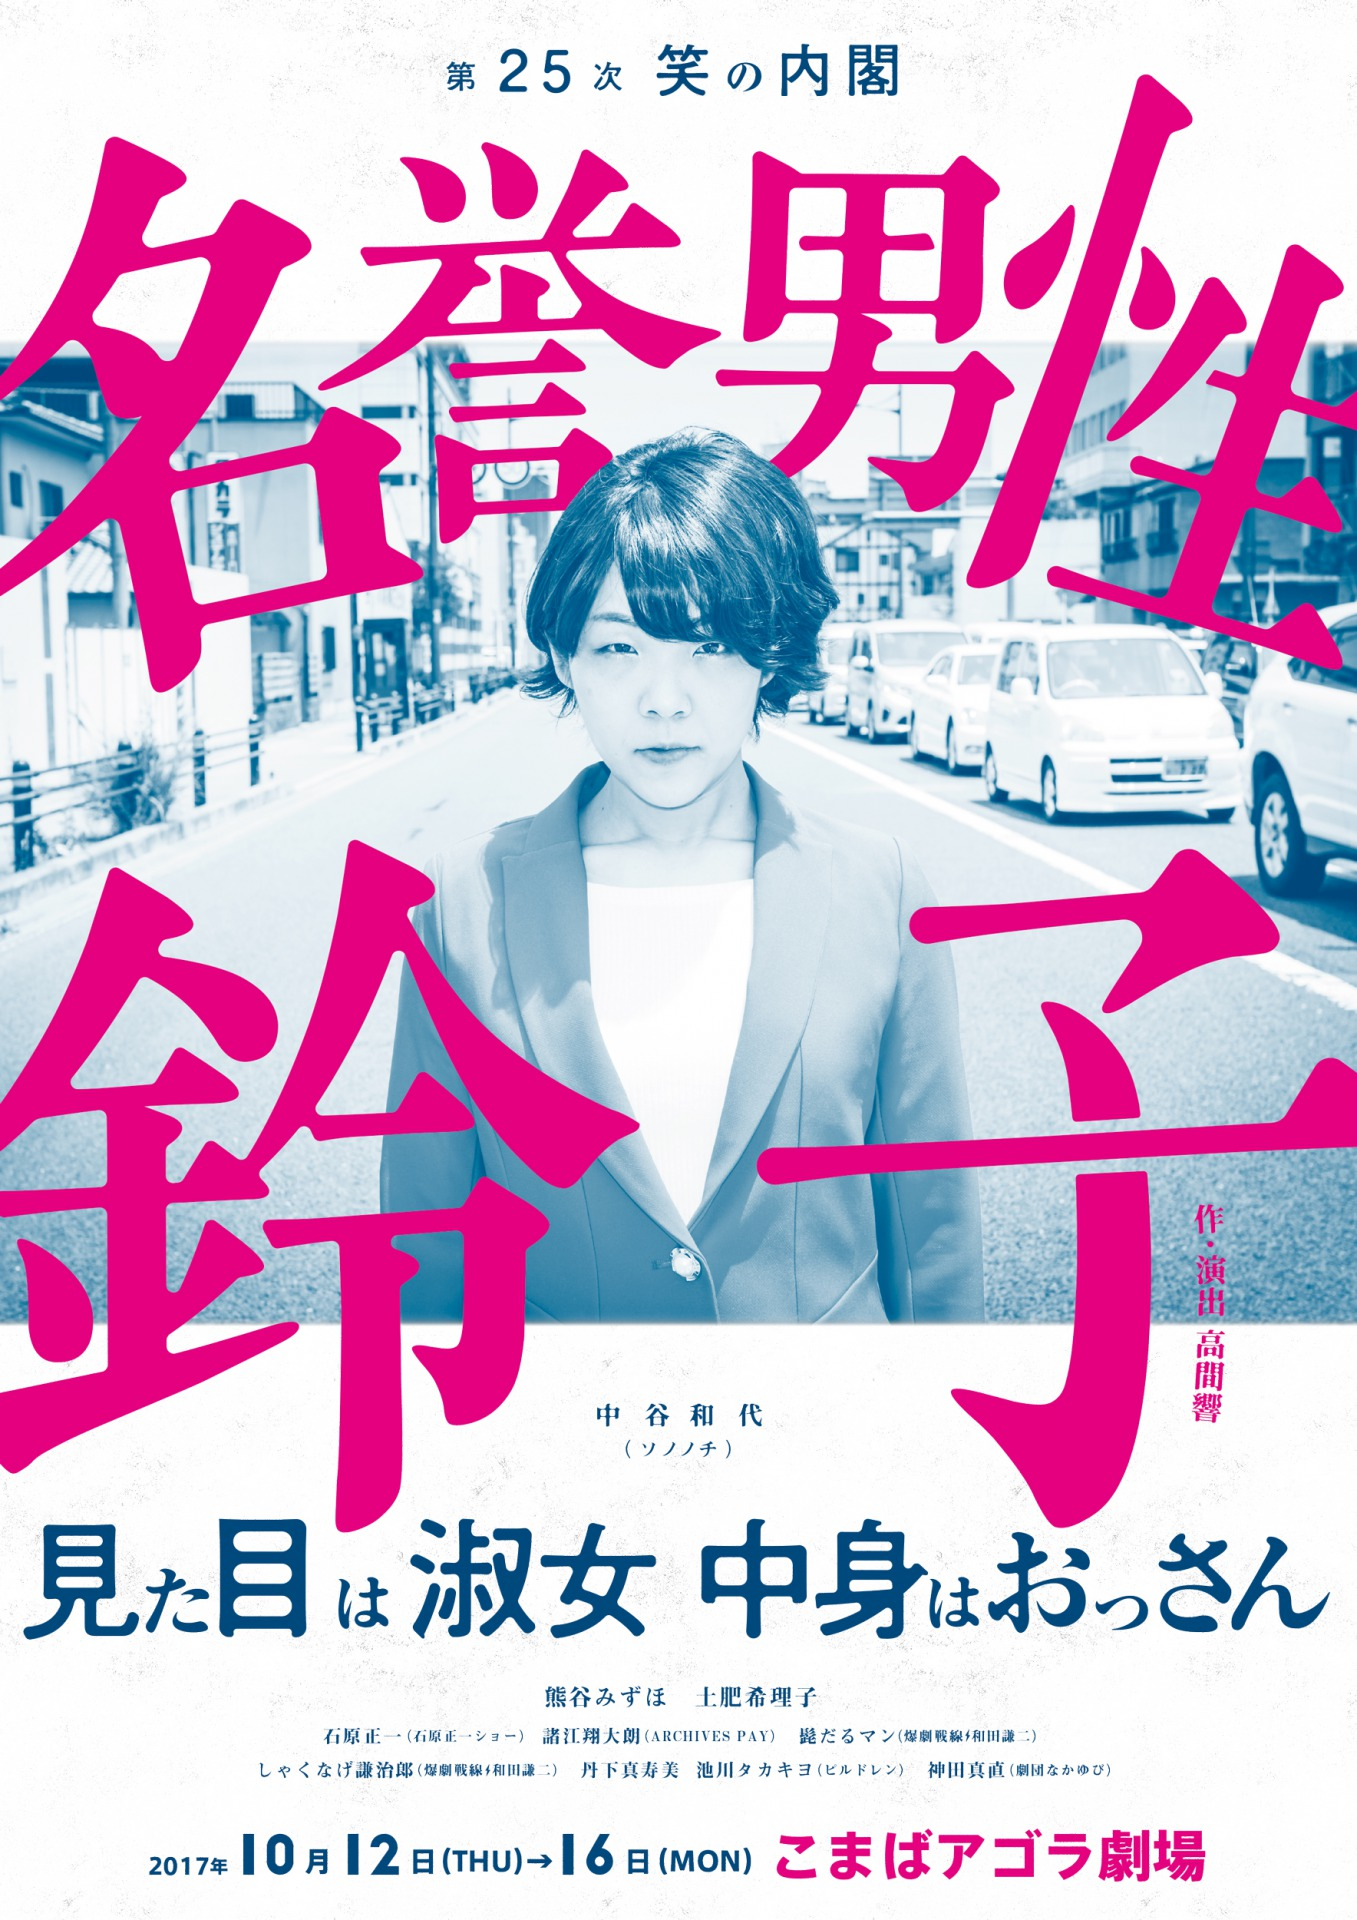 【10月15日15:30】第25次笑の内閣『名誉男性鈴子』(東京公演)